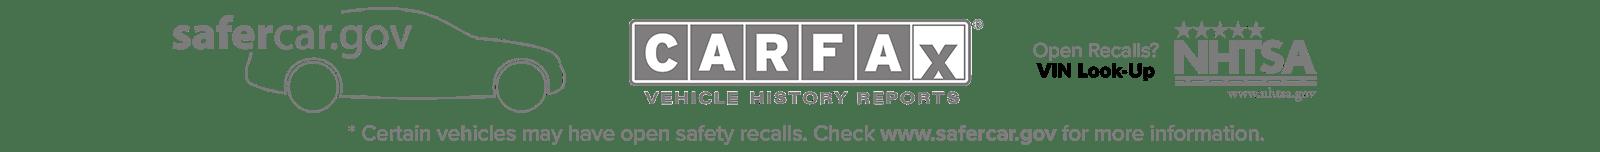 Safe Car logos